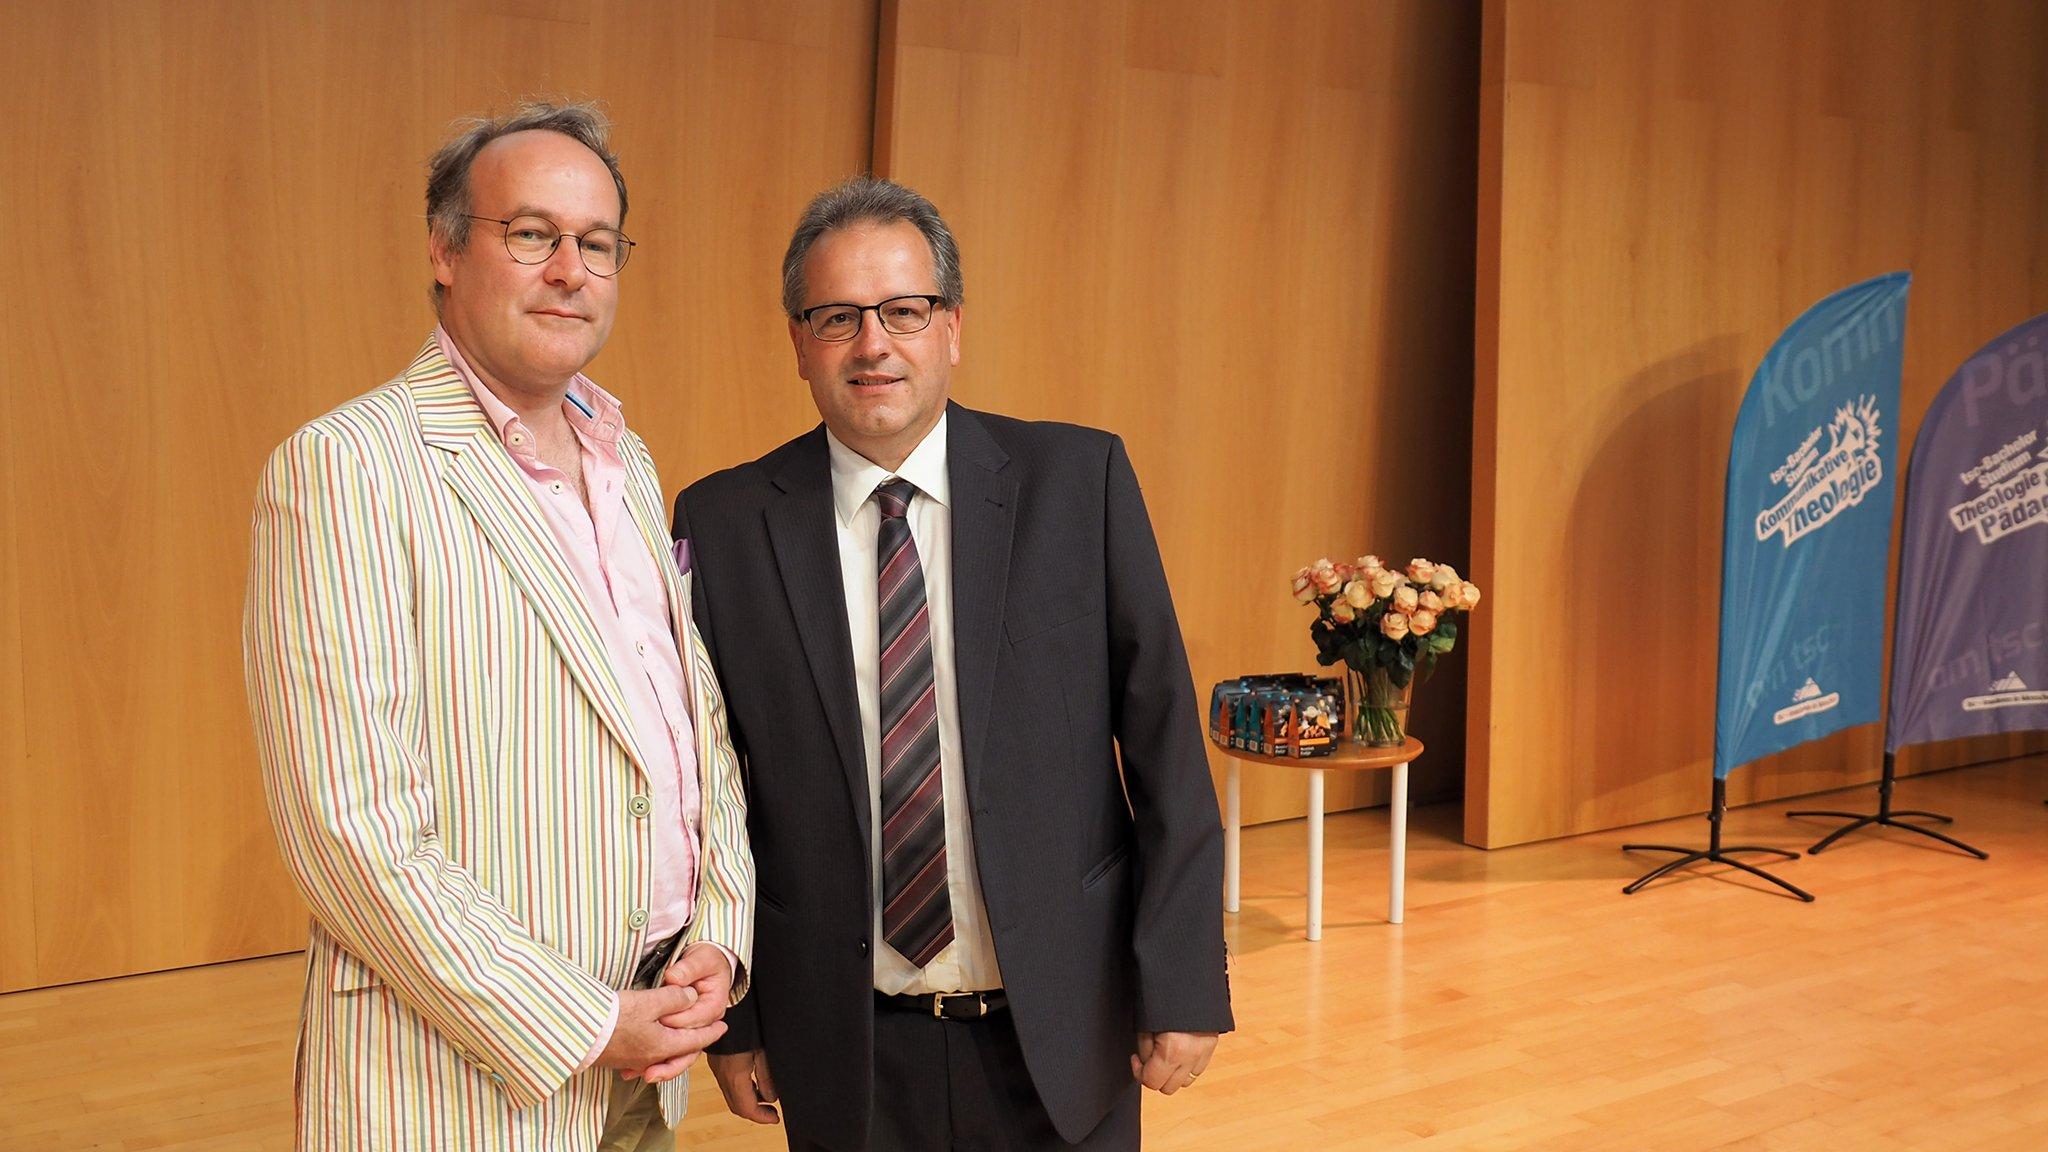 tsc-Graduierungsfeier 2019: Dr. Johan Siebers und Dr. Benedikt Walker